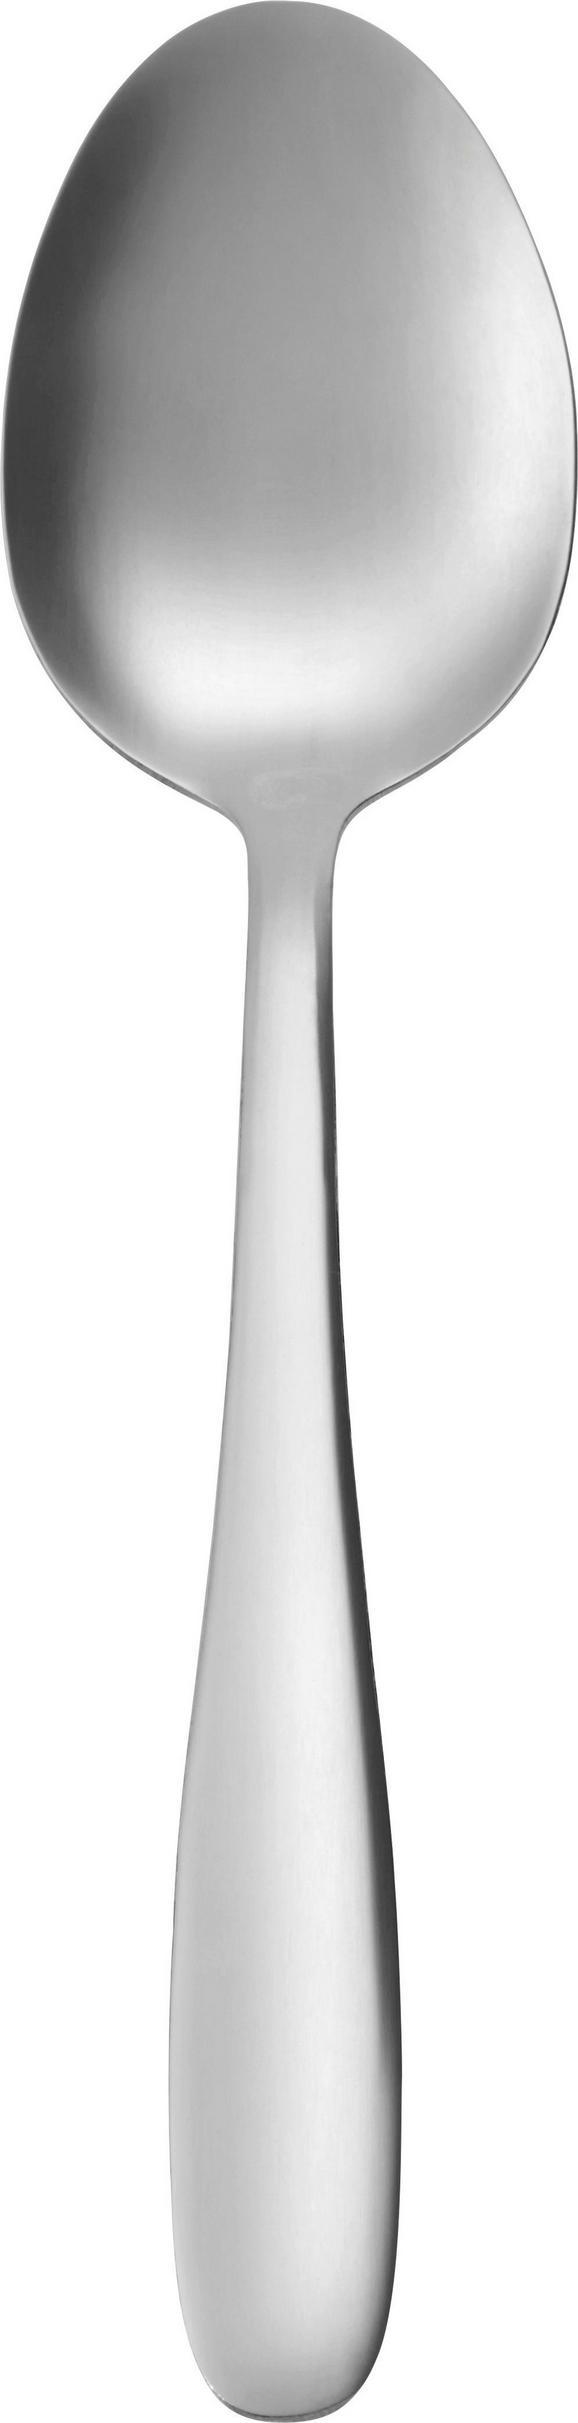 Žlica Demi -top- - nerjaveče jeklo, Konvencionalno, kovina (19,5cm) - Mömax modern living